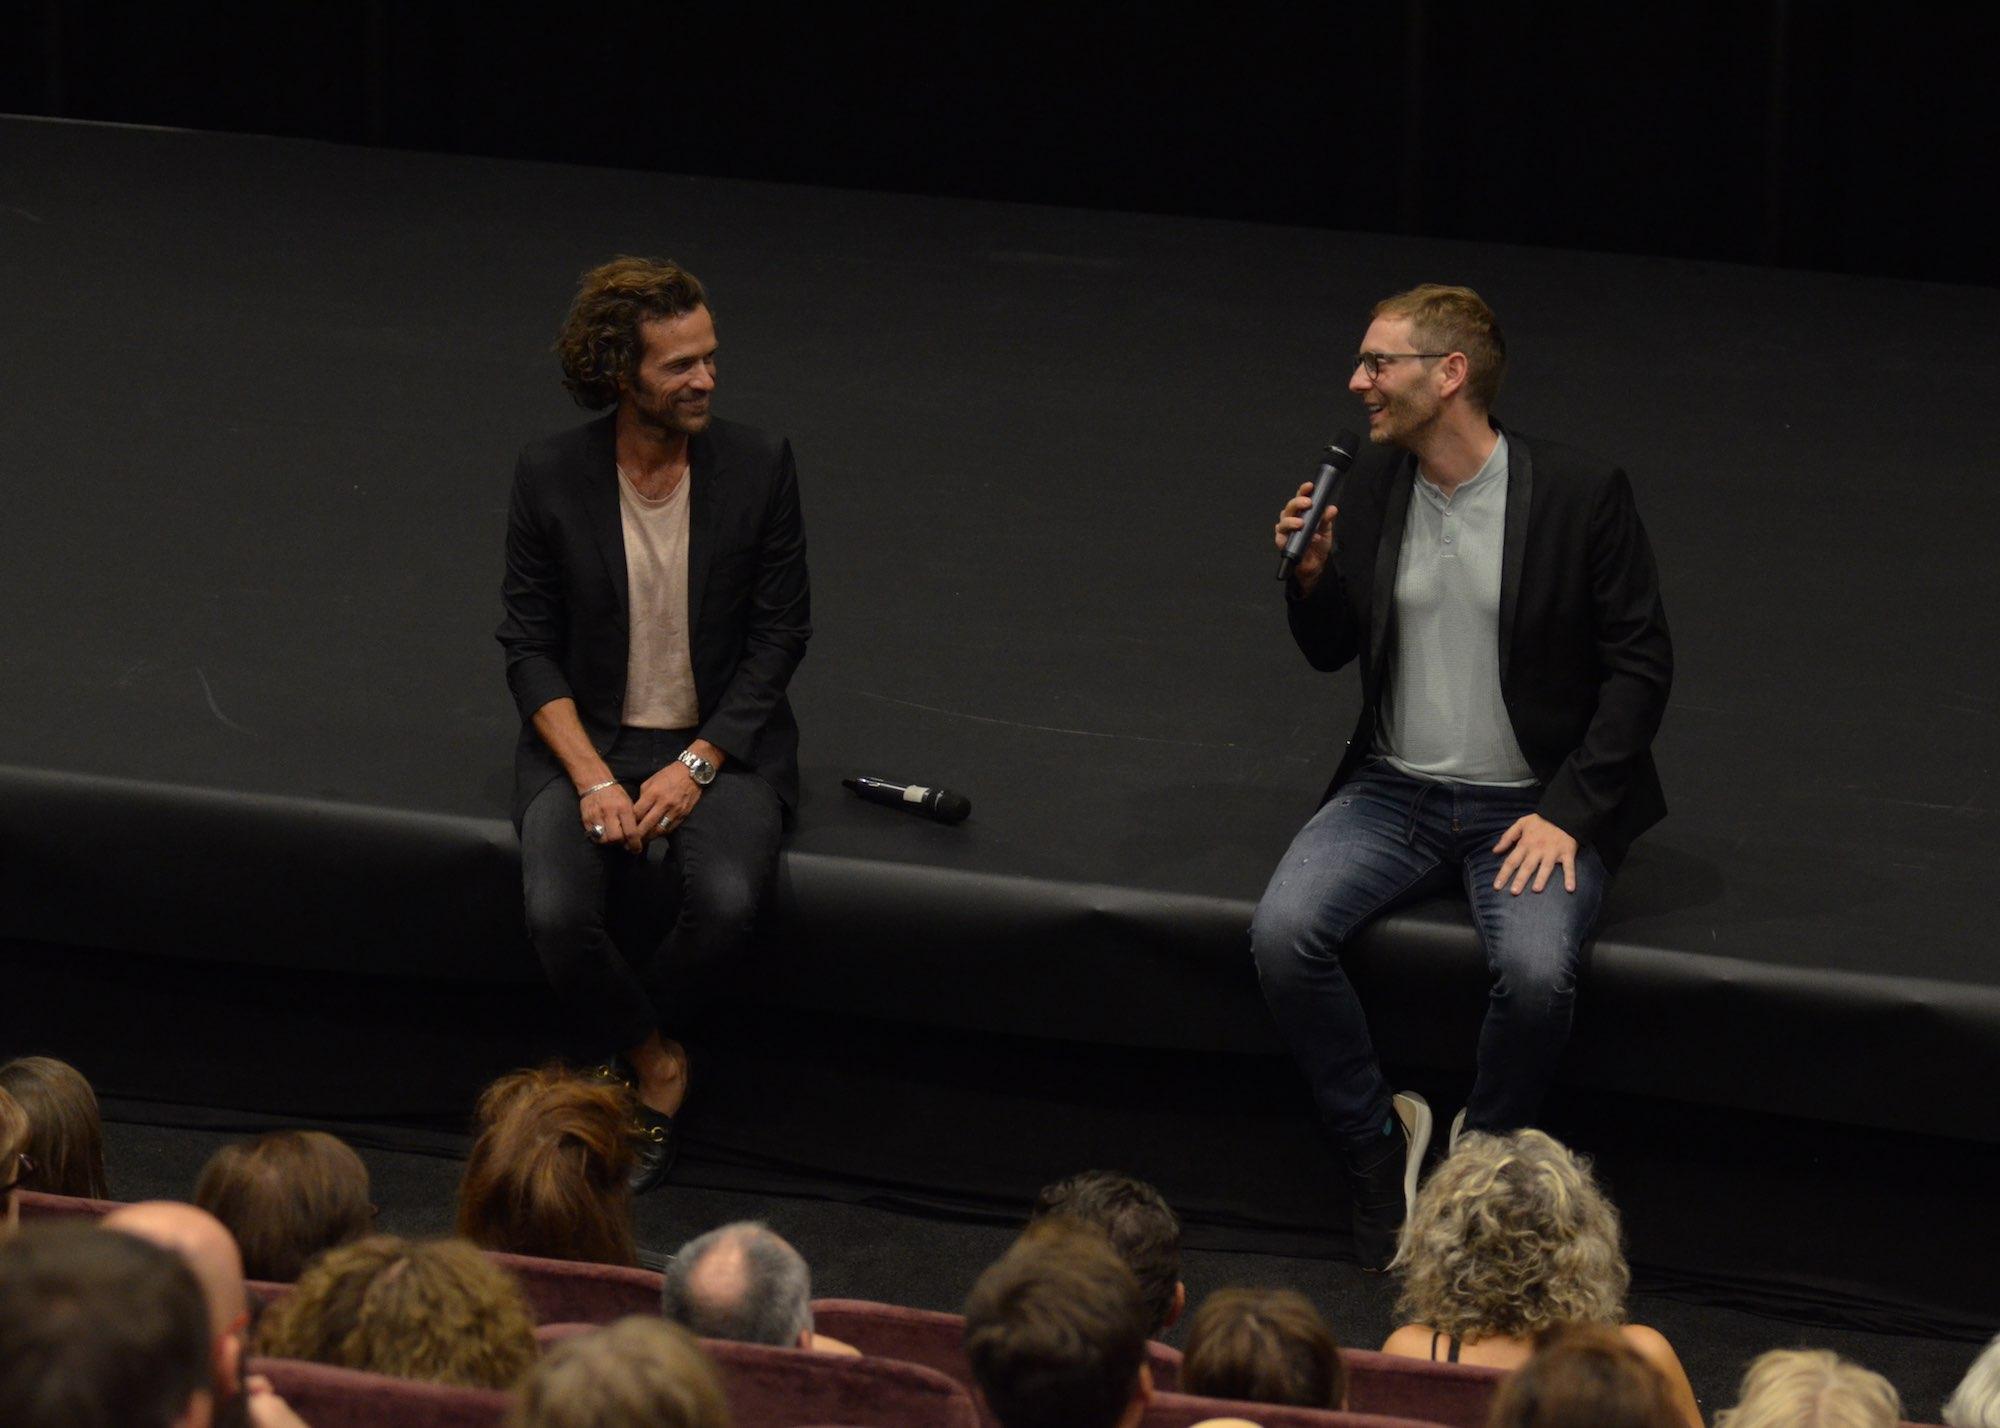 Romain Duris et Guillaume Senez - Avant-première du film NOS BATAILLES - Mercredi 19 Septembre 2018